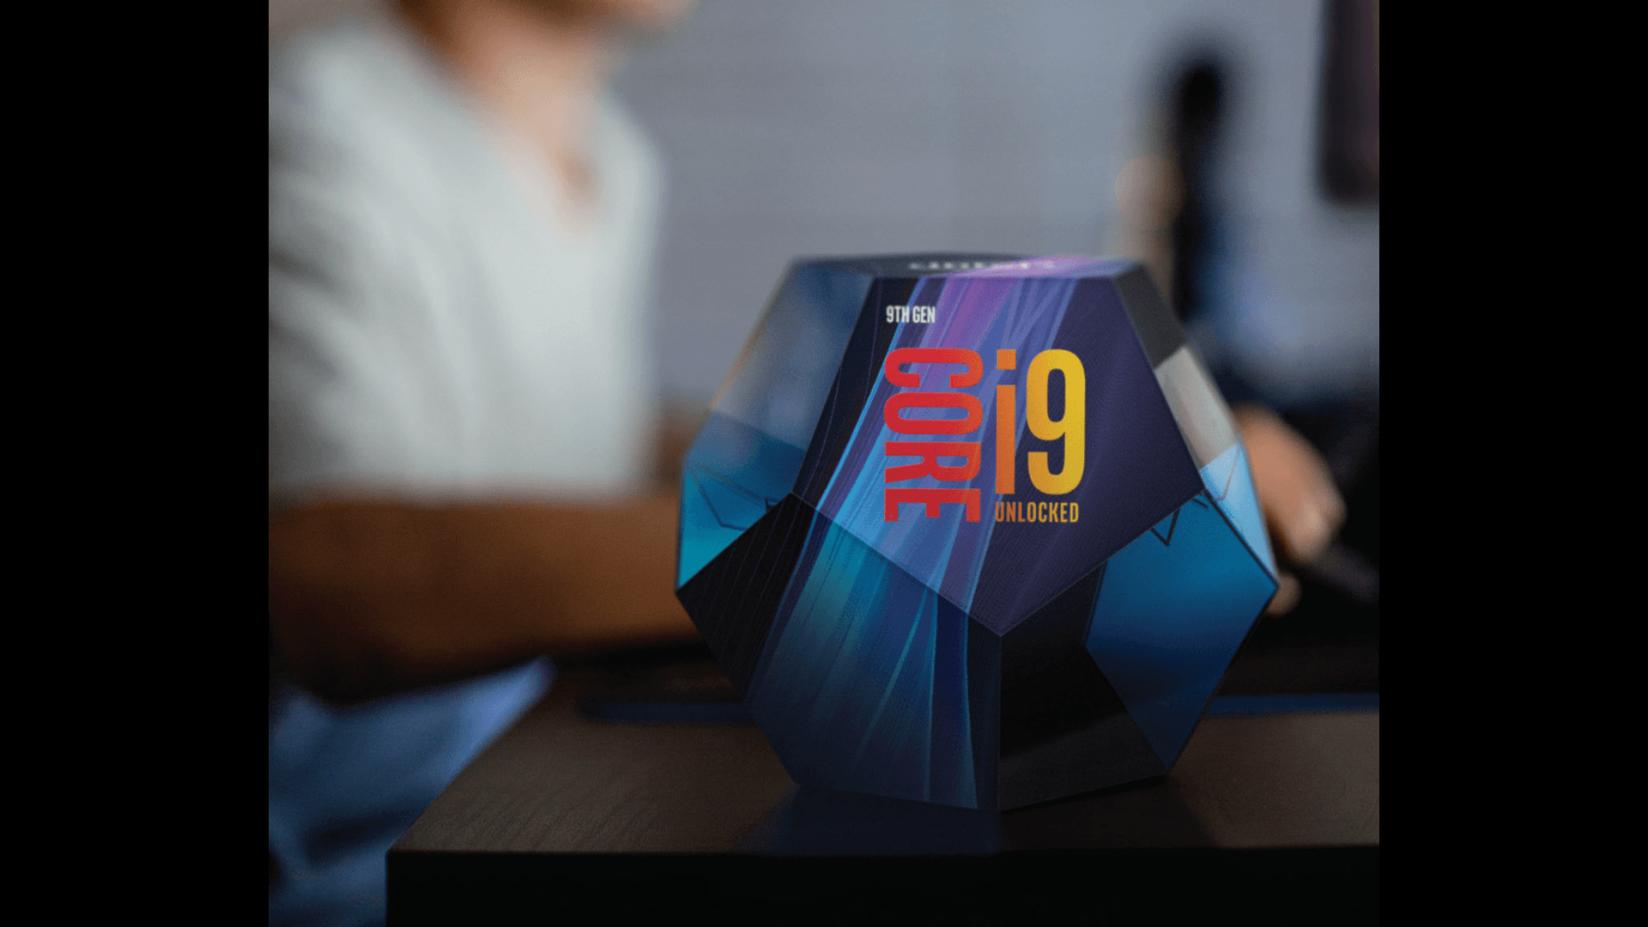 cubo da 9ª geração core i9 com imagem de fundo